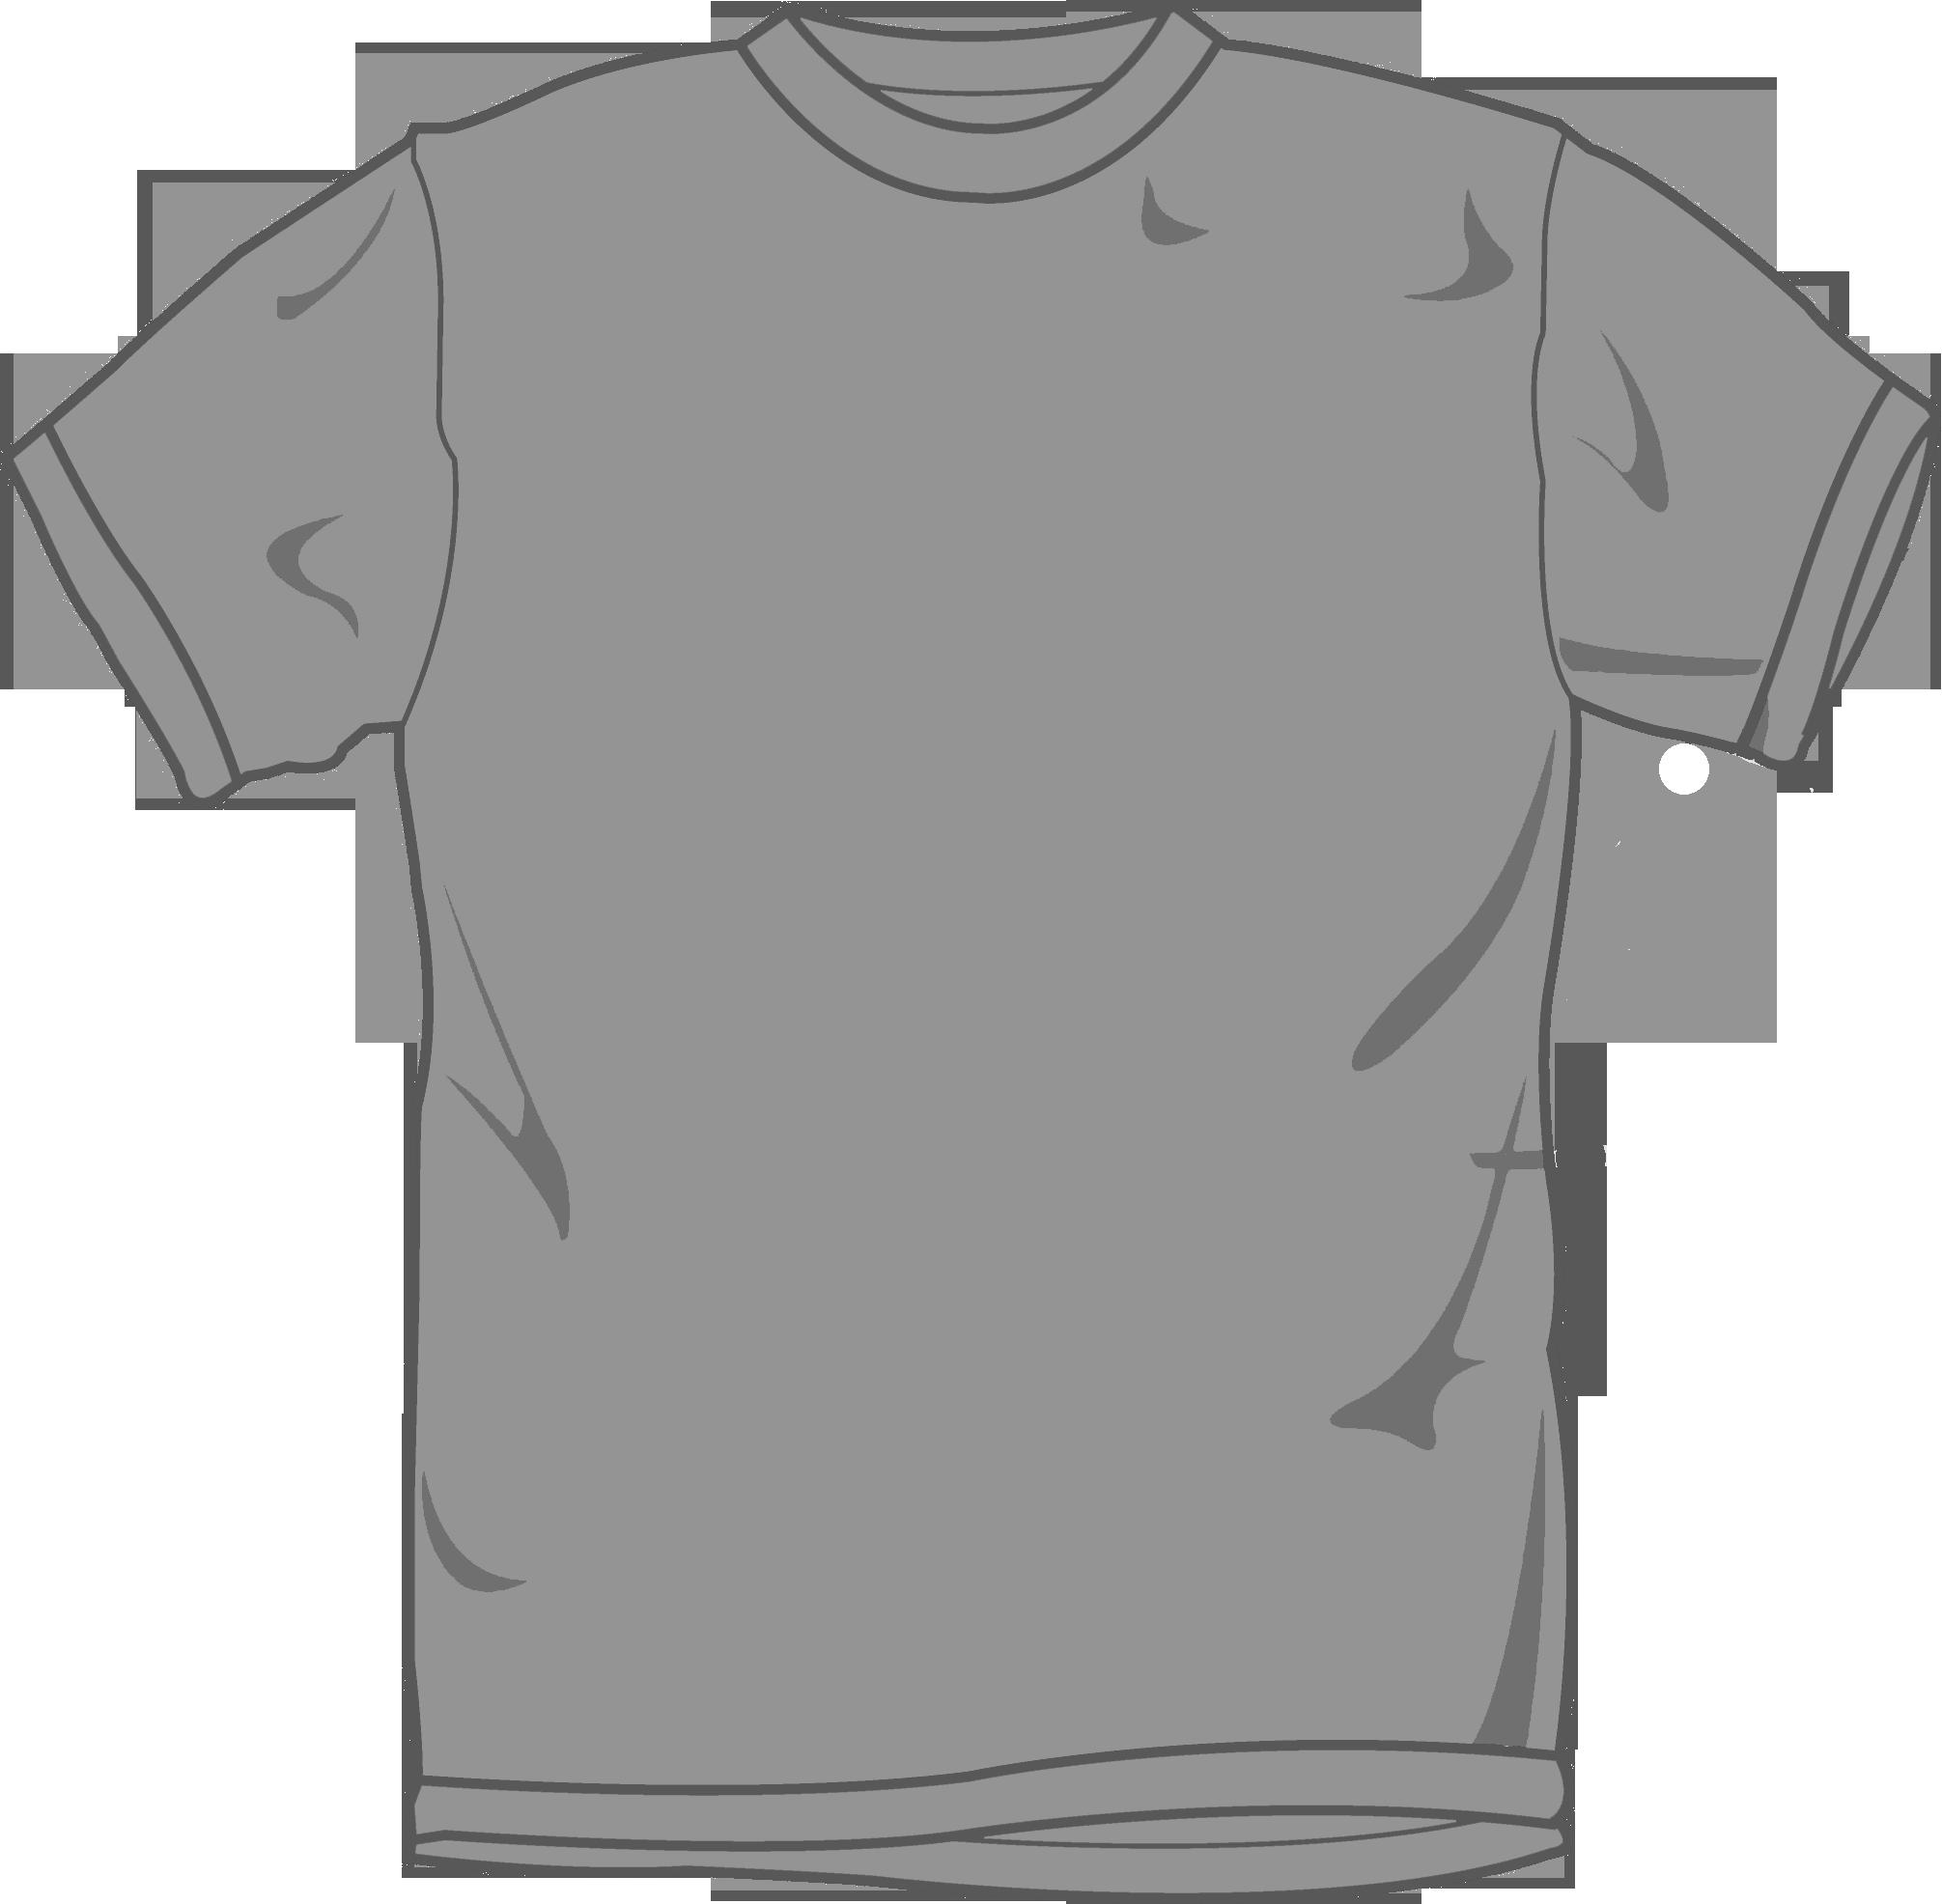 Blank Grey T Shirt Clipart Best